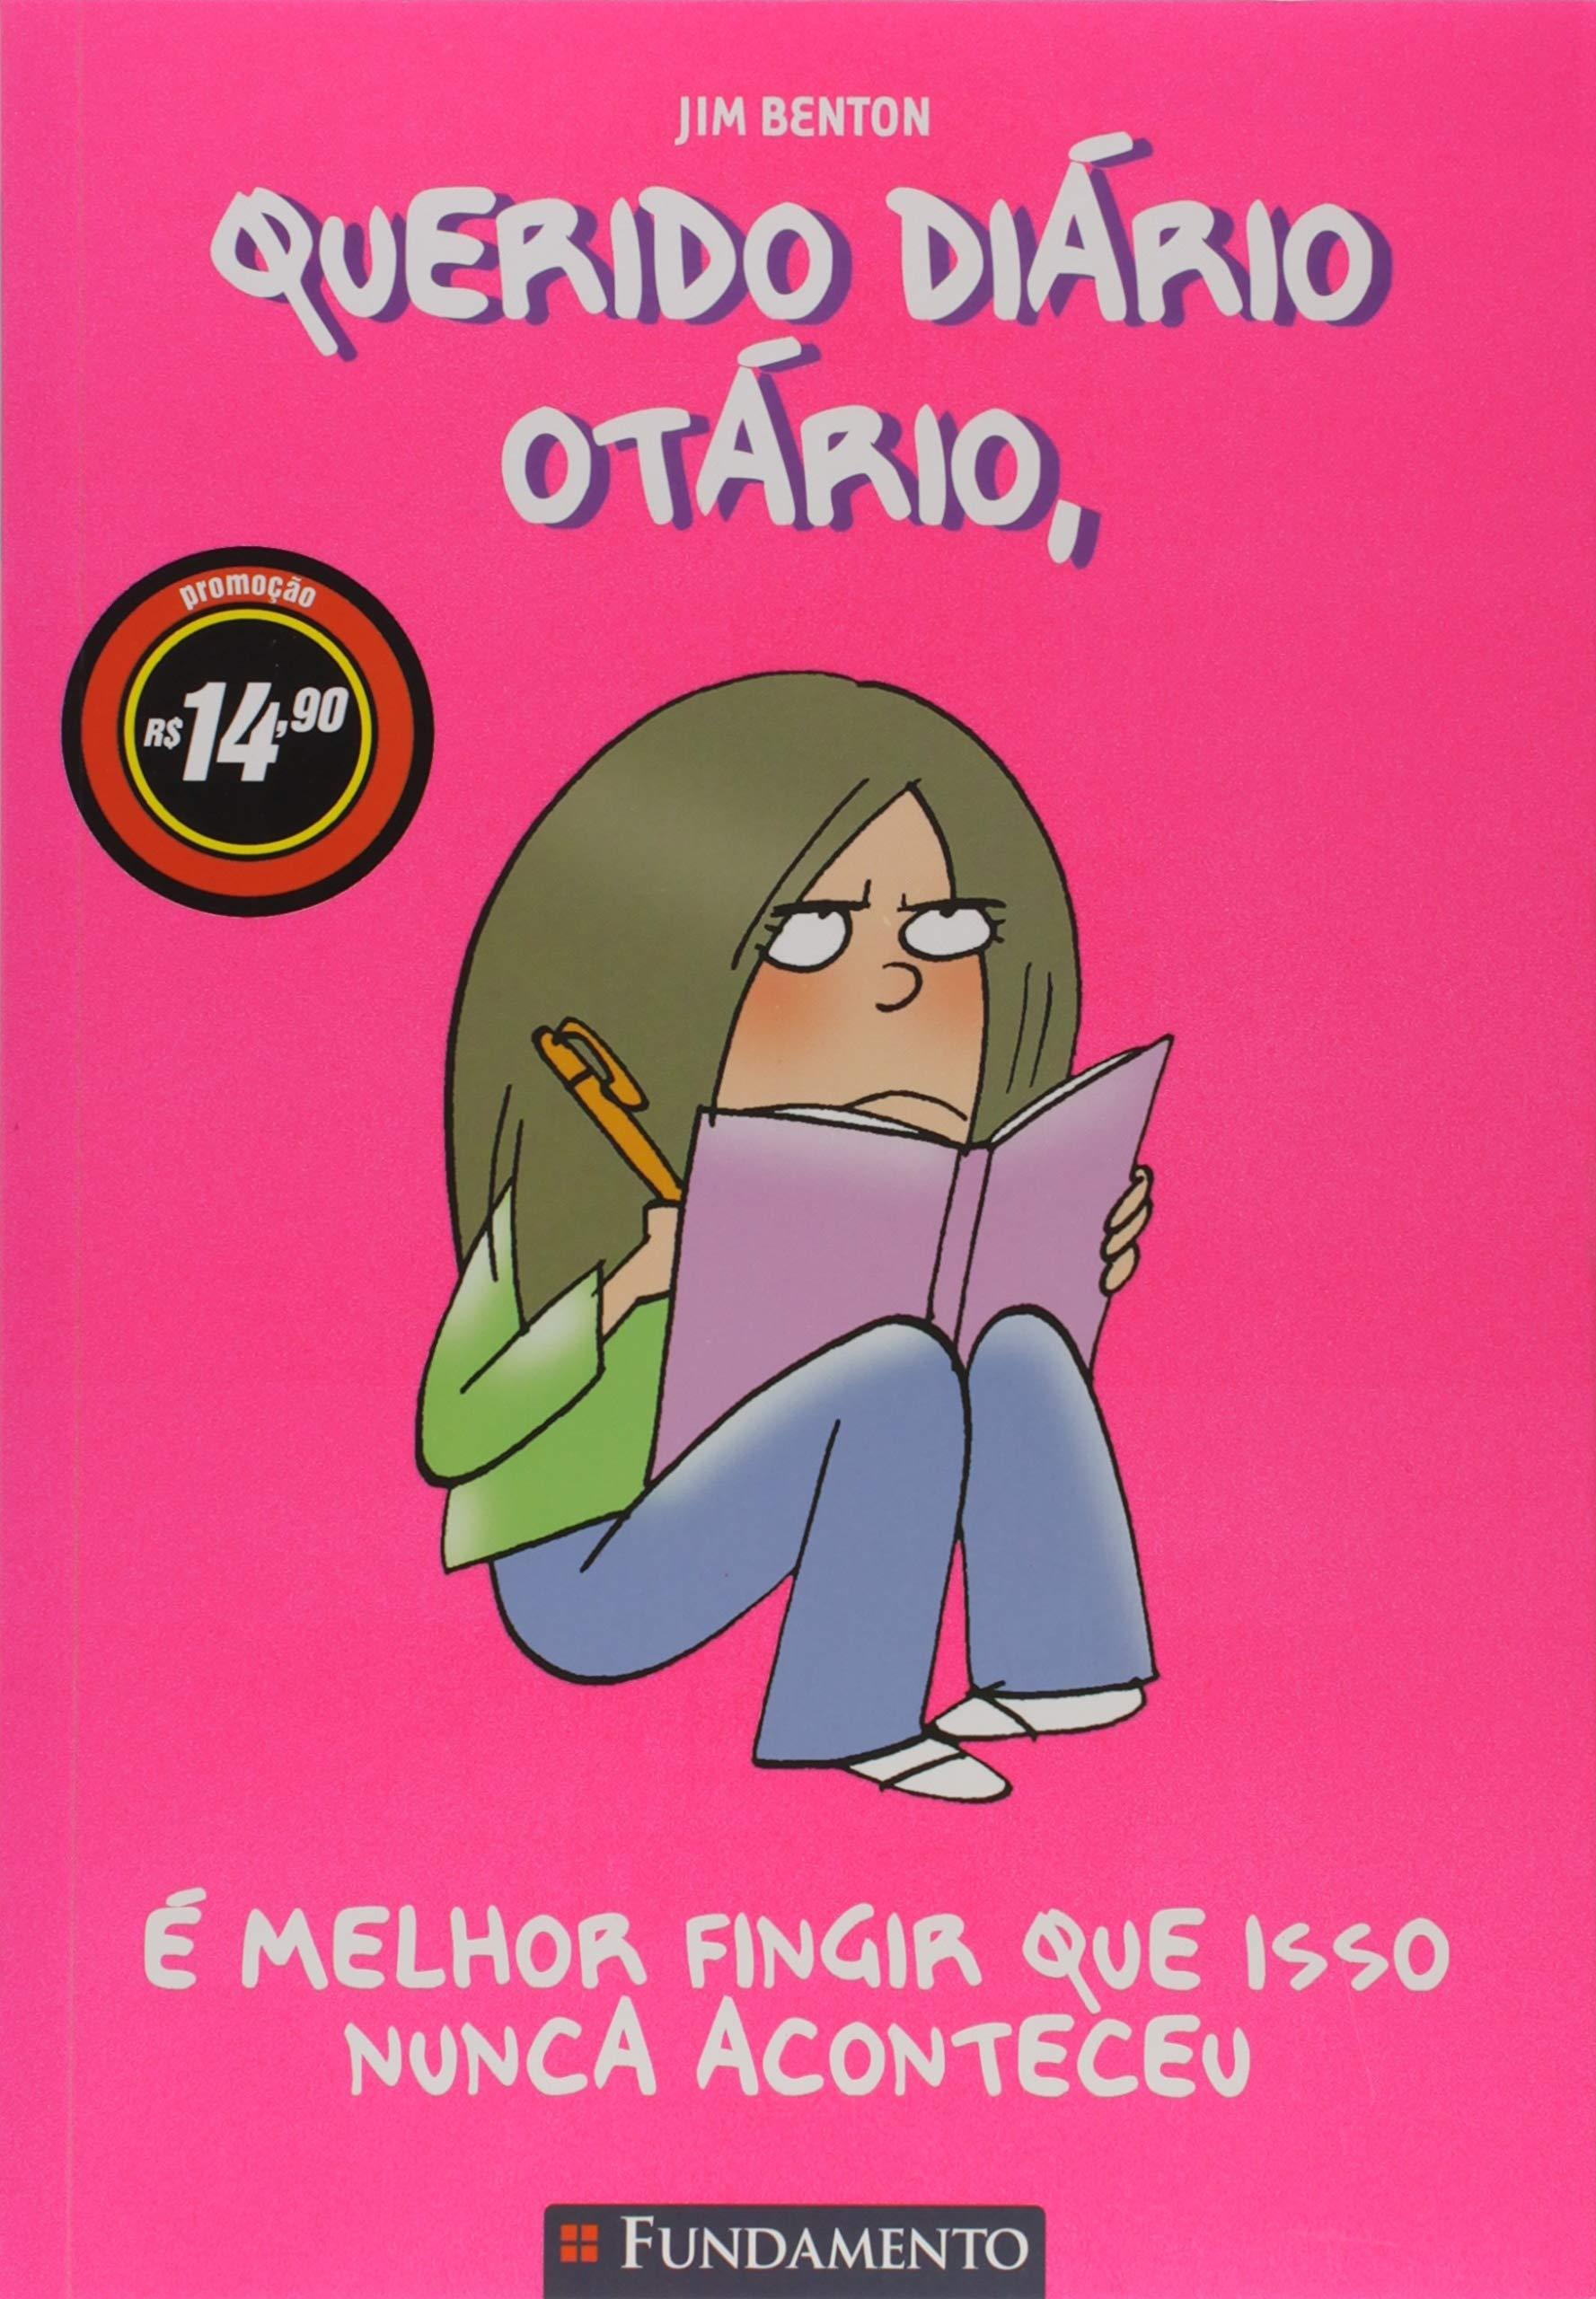 Querido Diário Otário. É Melhor Fingir que Isso Nunca Aconteceu (Em Portuguese do Brasil): Jim Benton: 9788539508716: Amazon.com: Books